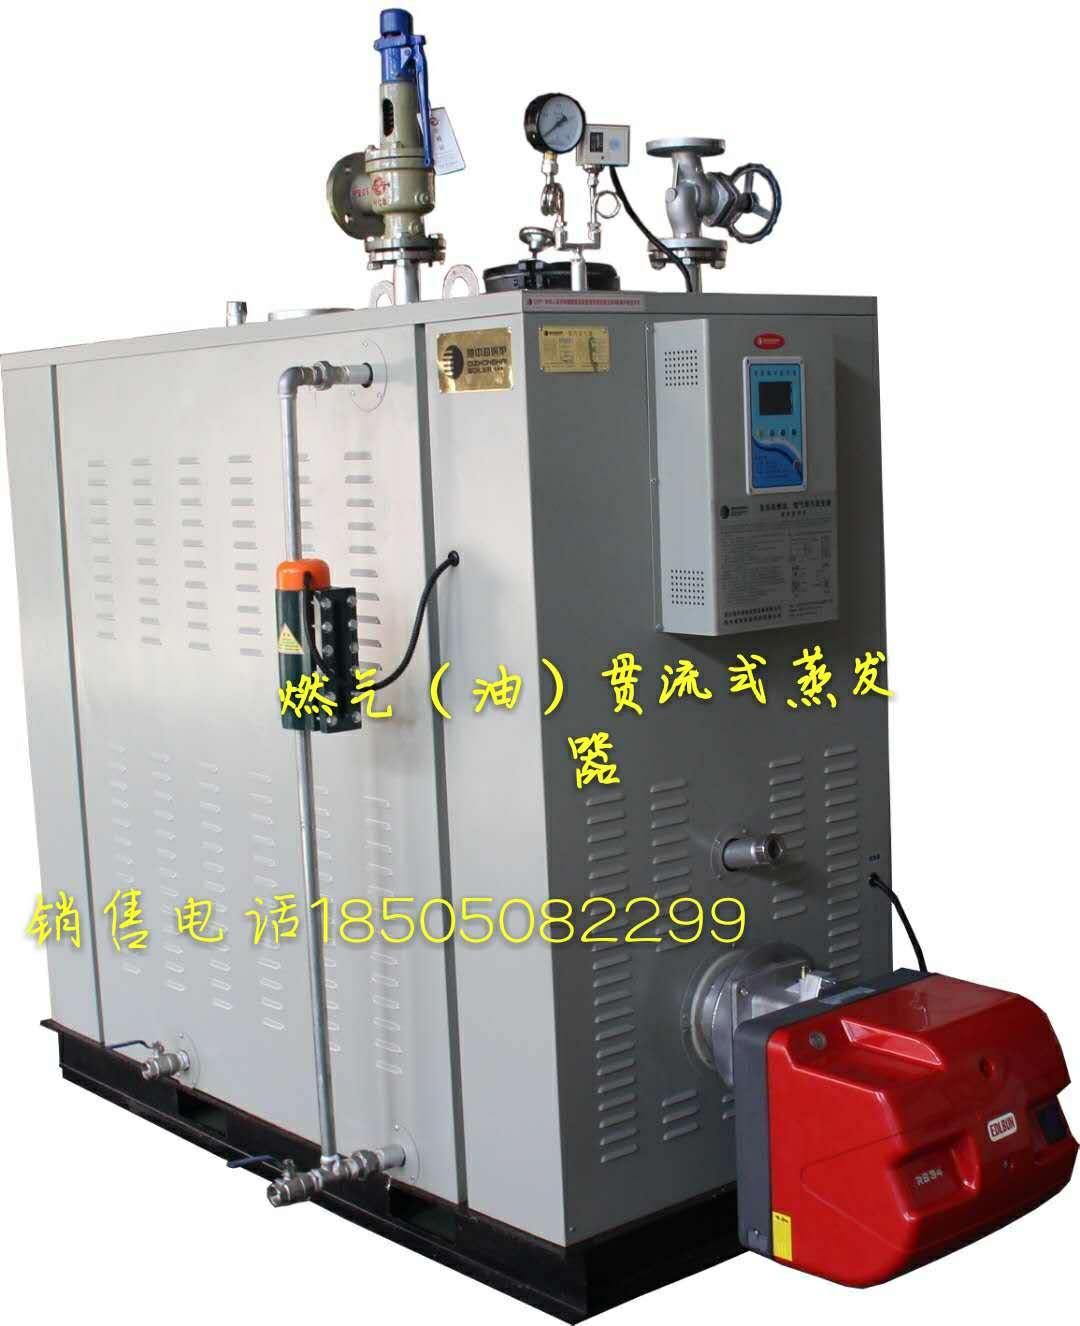 燃气(油)贯流式蒸汽乐虎国际平台